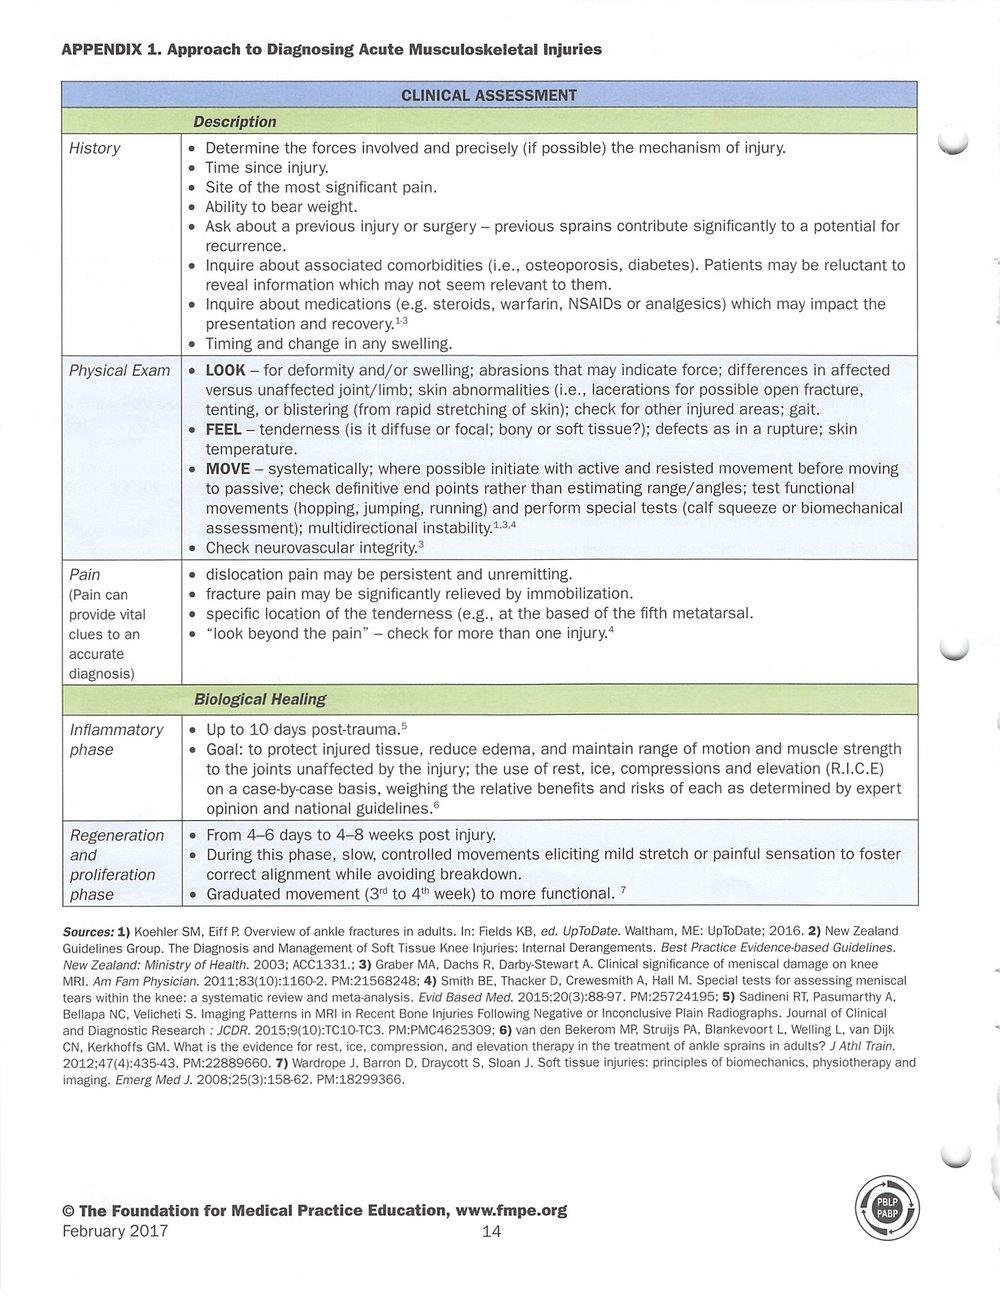 Diagnosing Acute MSK Injuries_Page_1.jpg